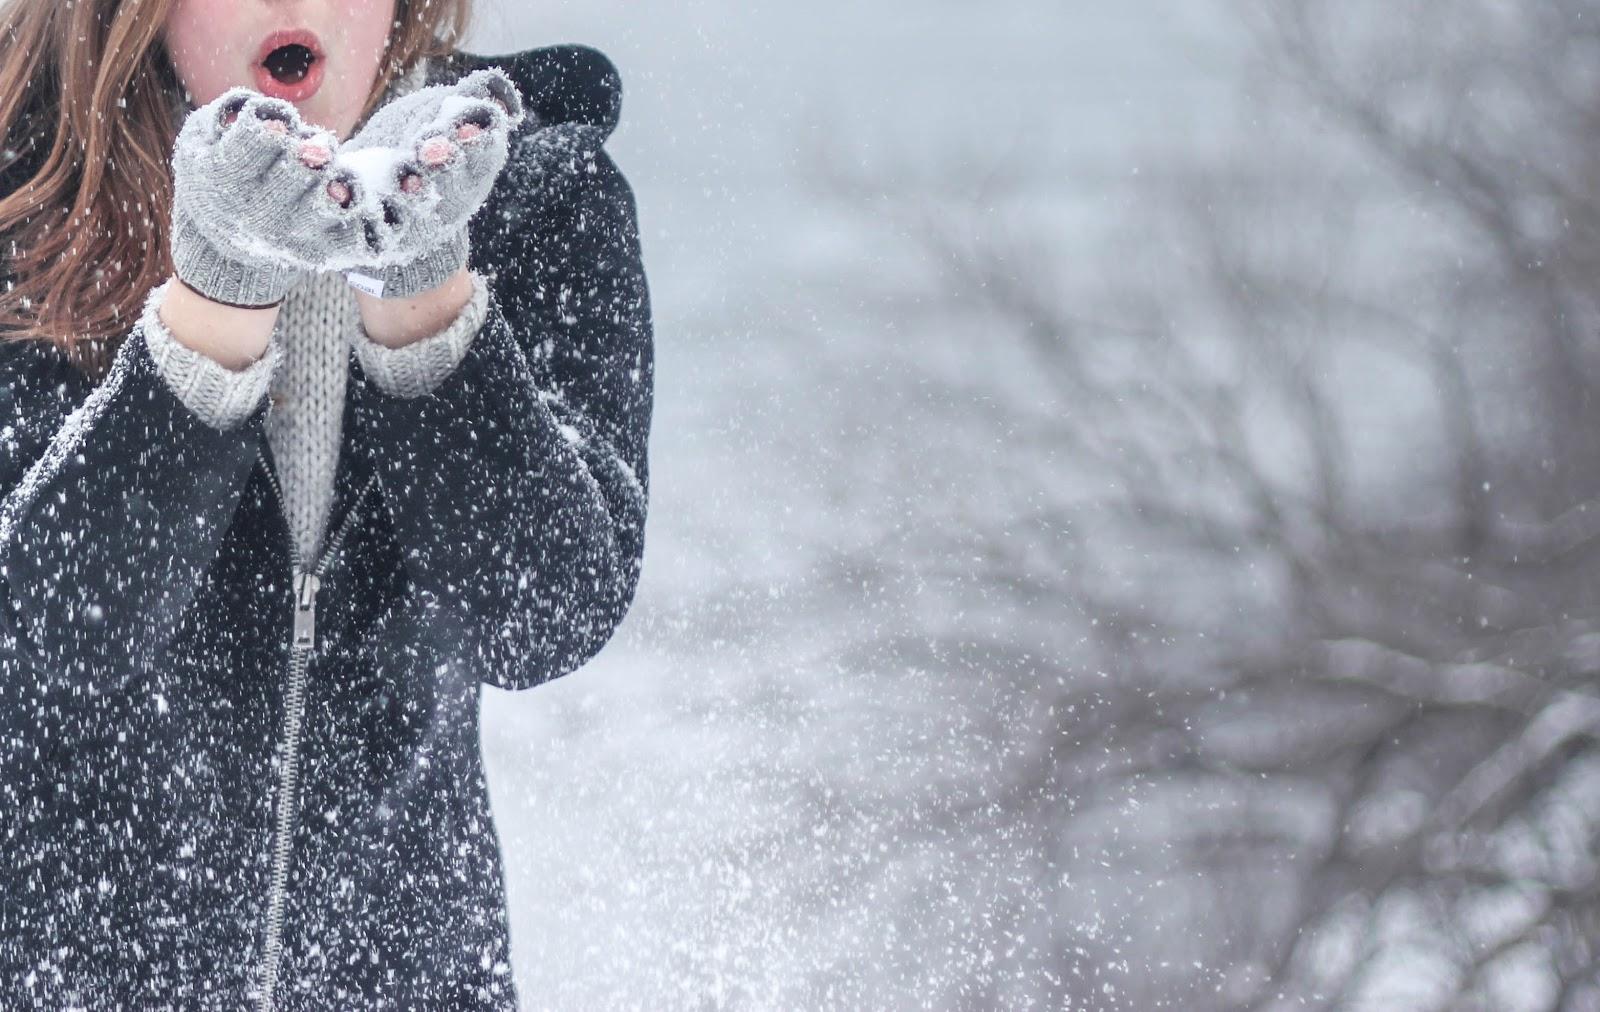 両手を口の前に揃えながら降る雪を吹き飛ばす女性